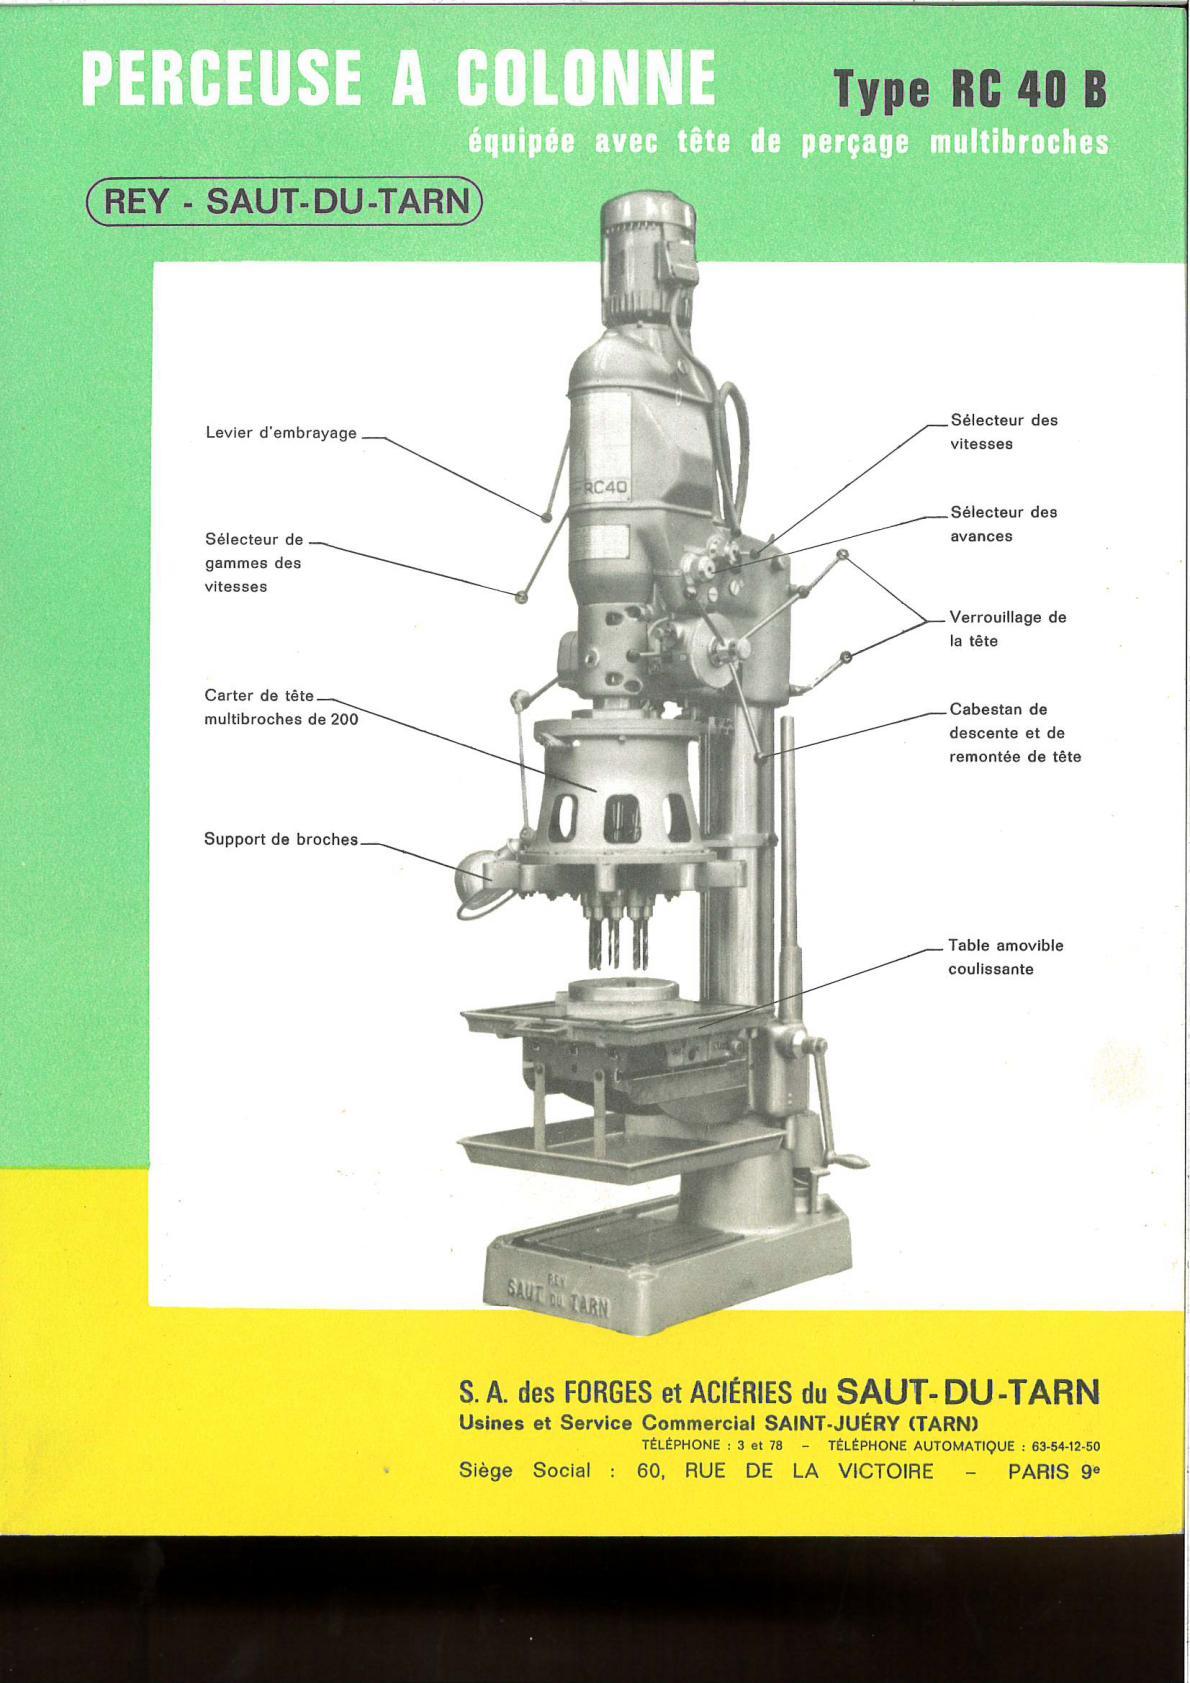 Saut du tarn - Rey type RC 40 (et JC 32) Uw117